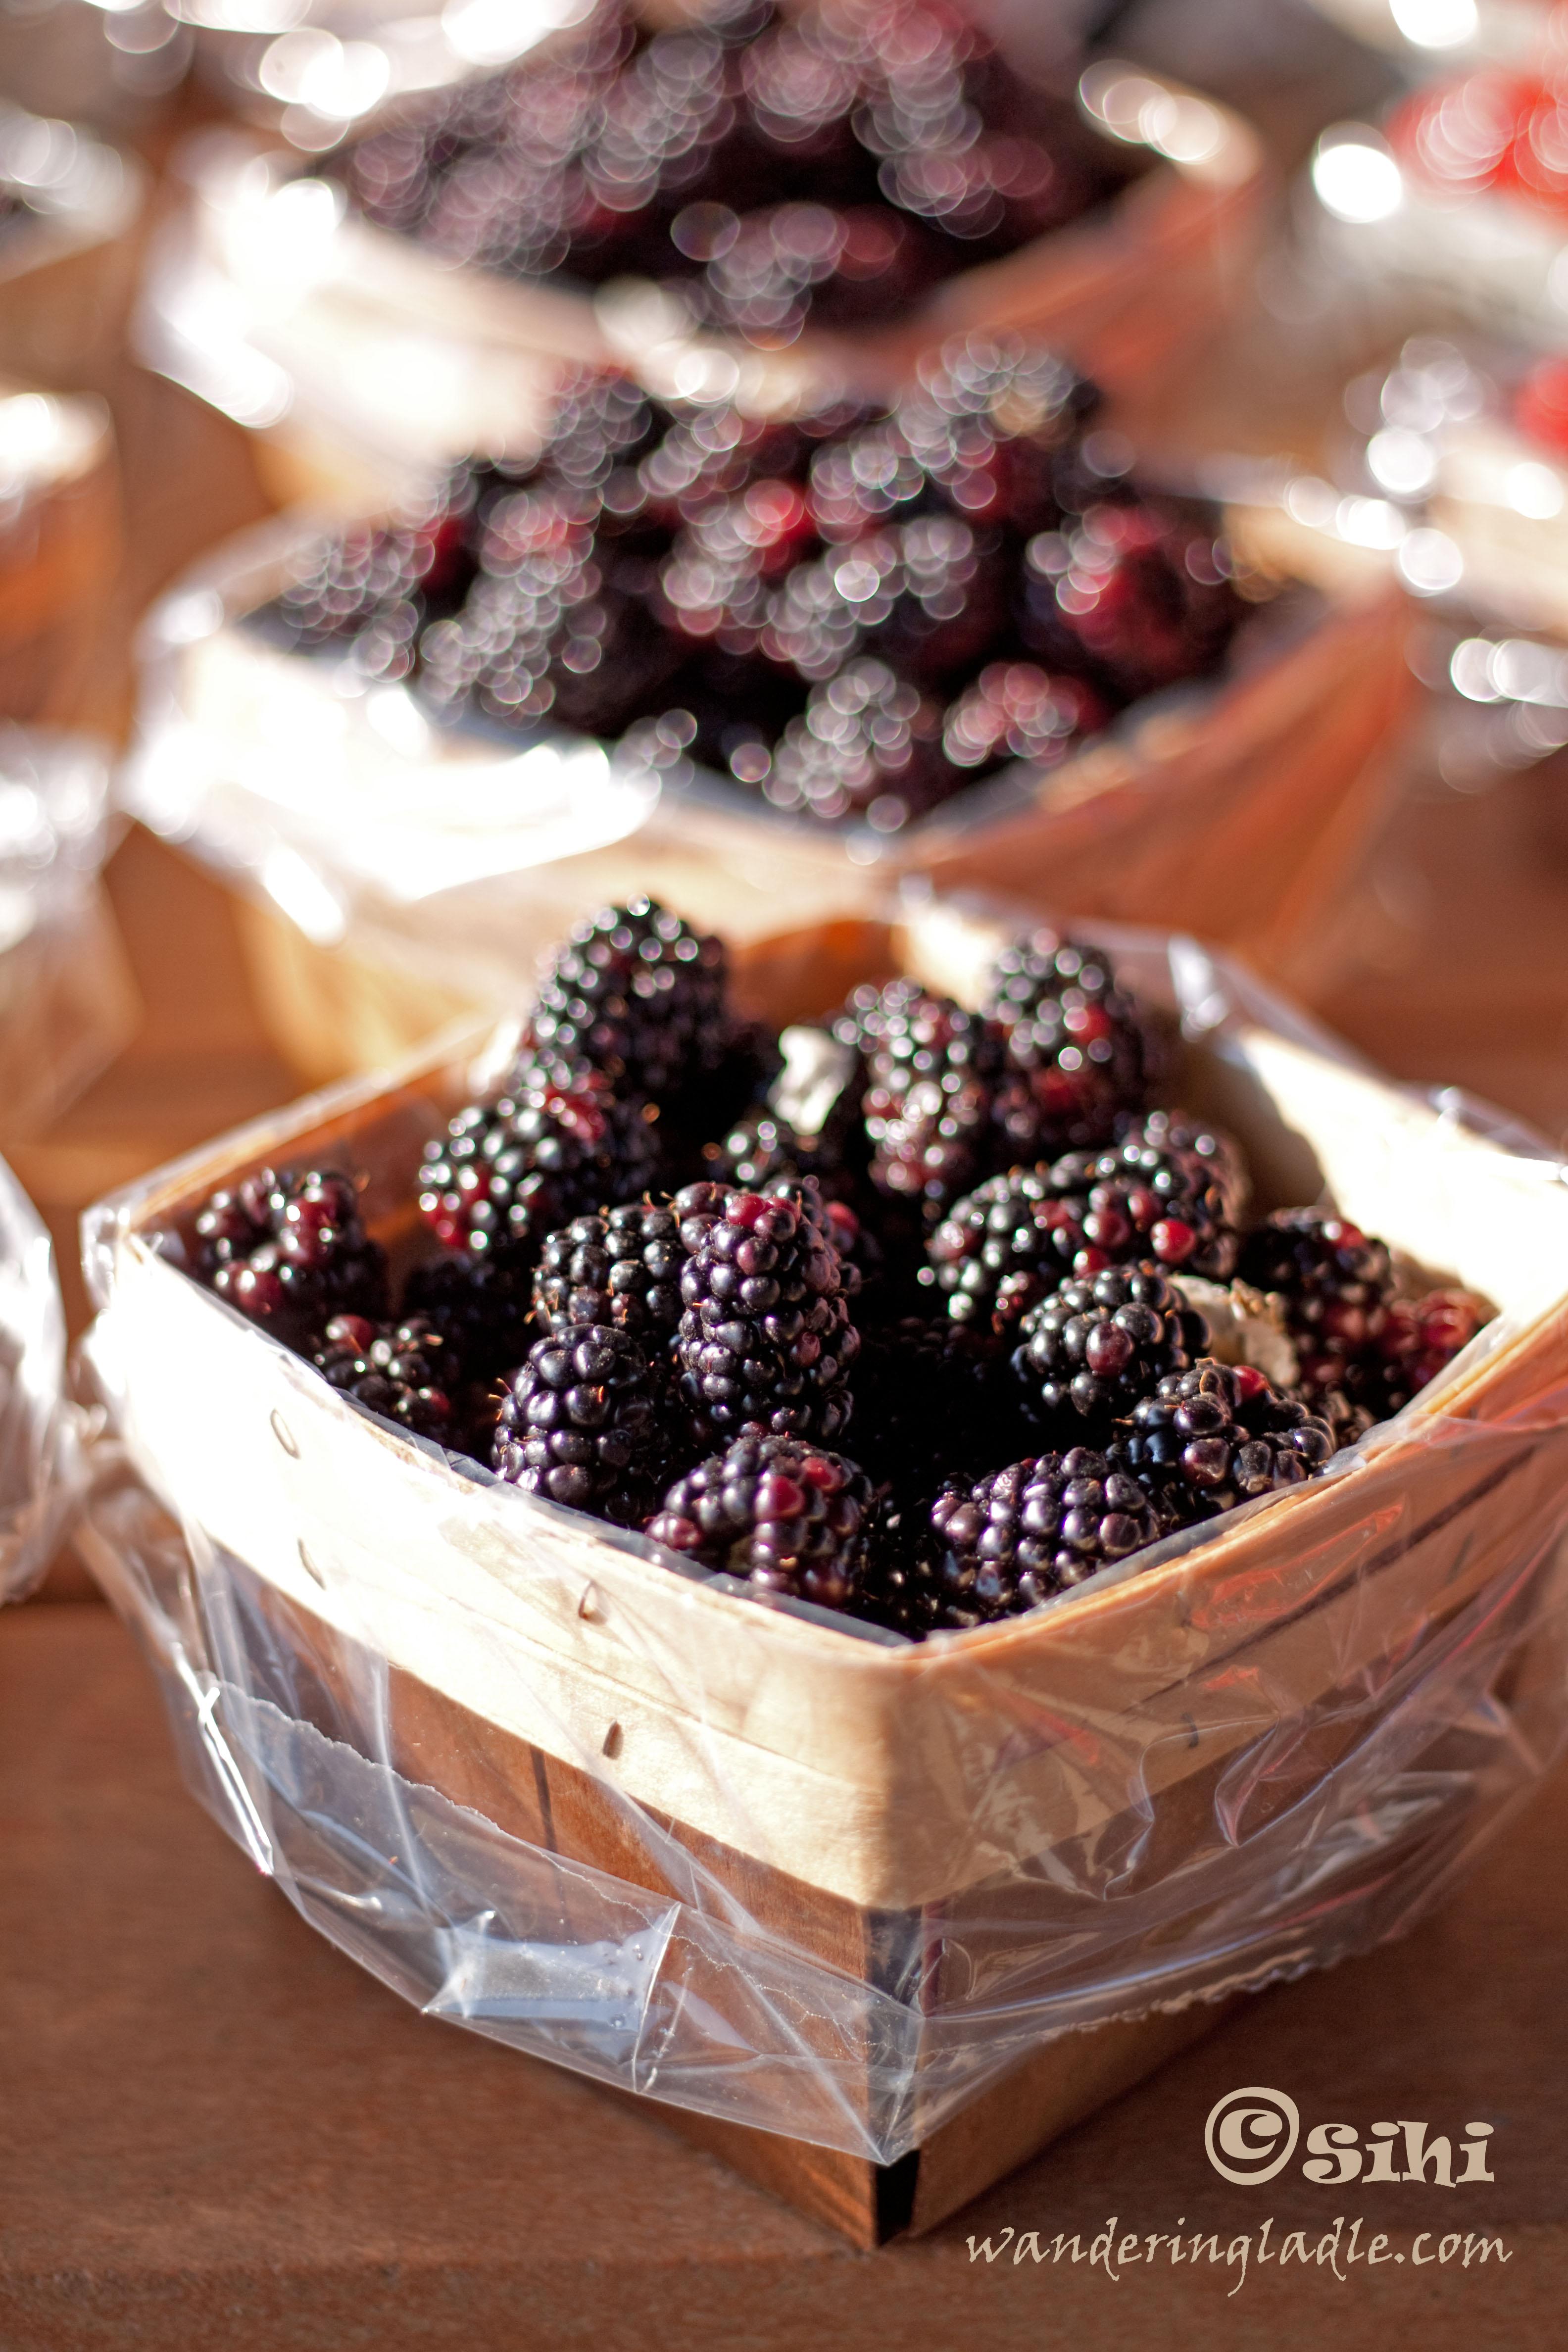 blackberries_sihi_wl-copy